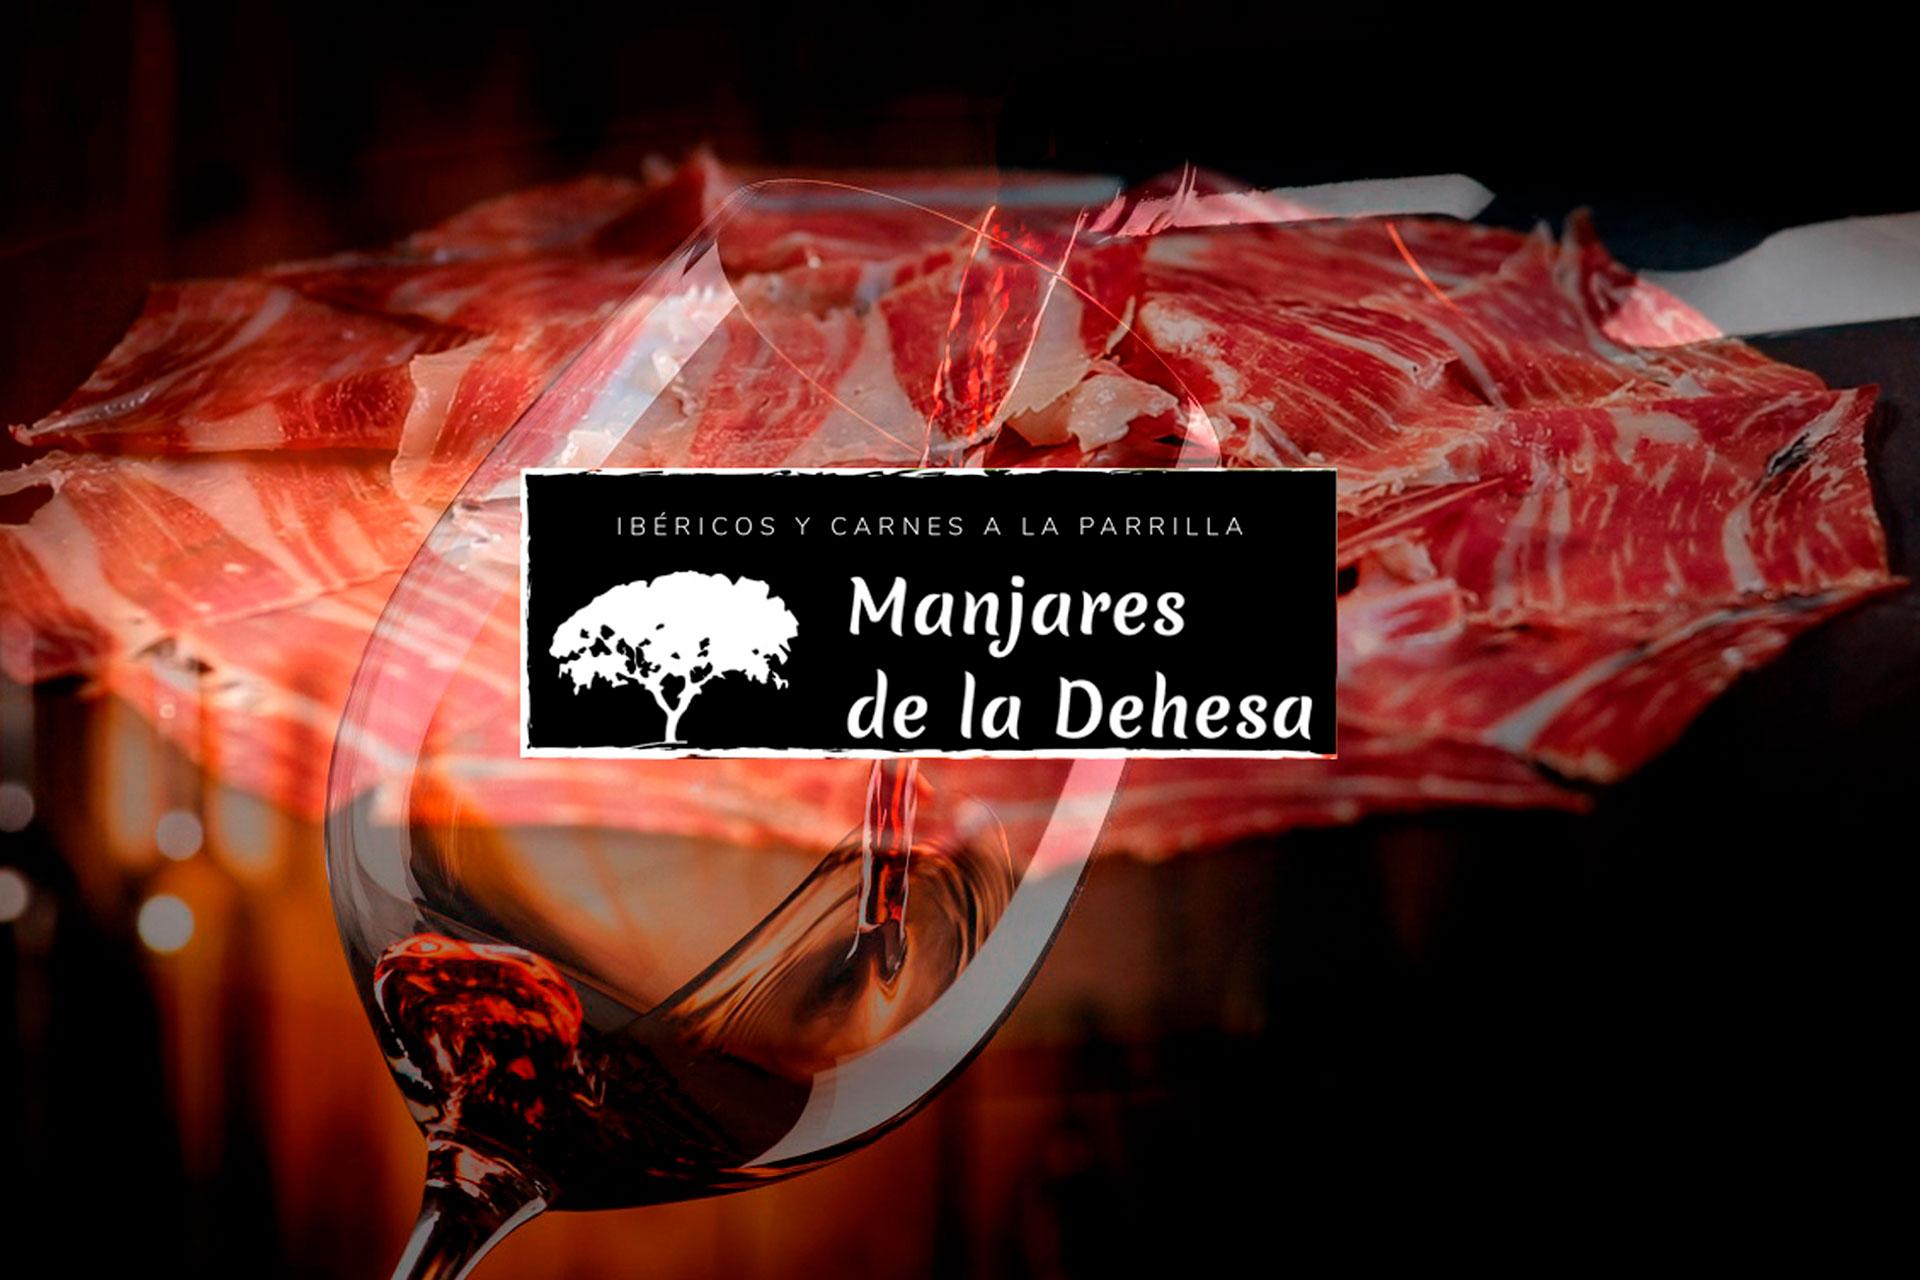 restaurante-manjares-de-la-dehesa-atocha-madrid